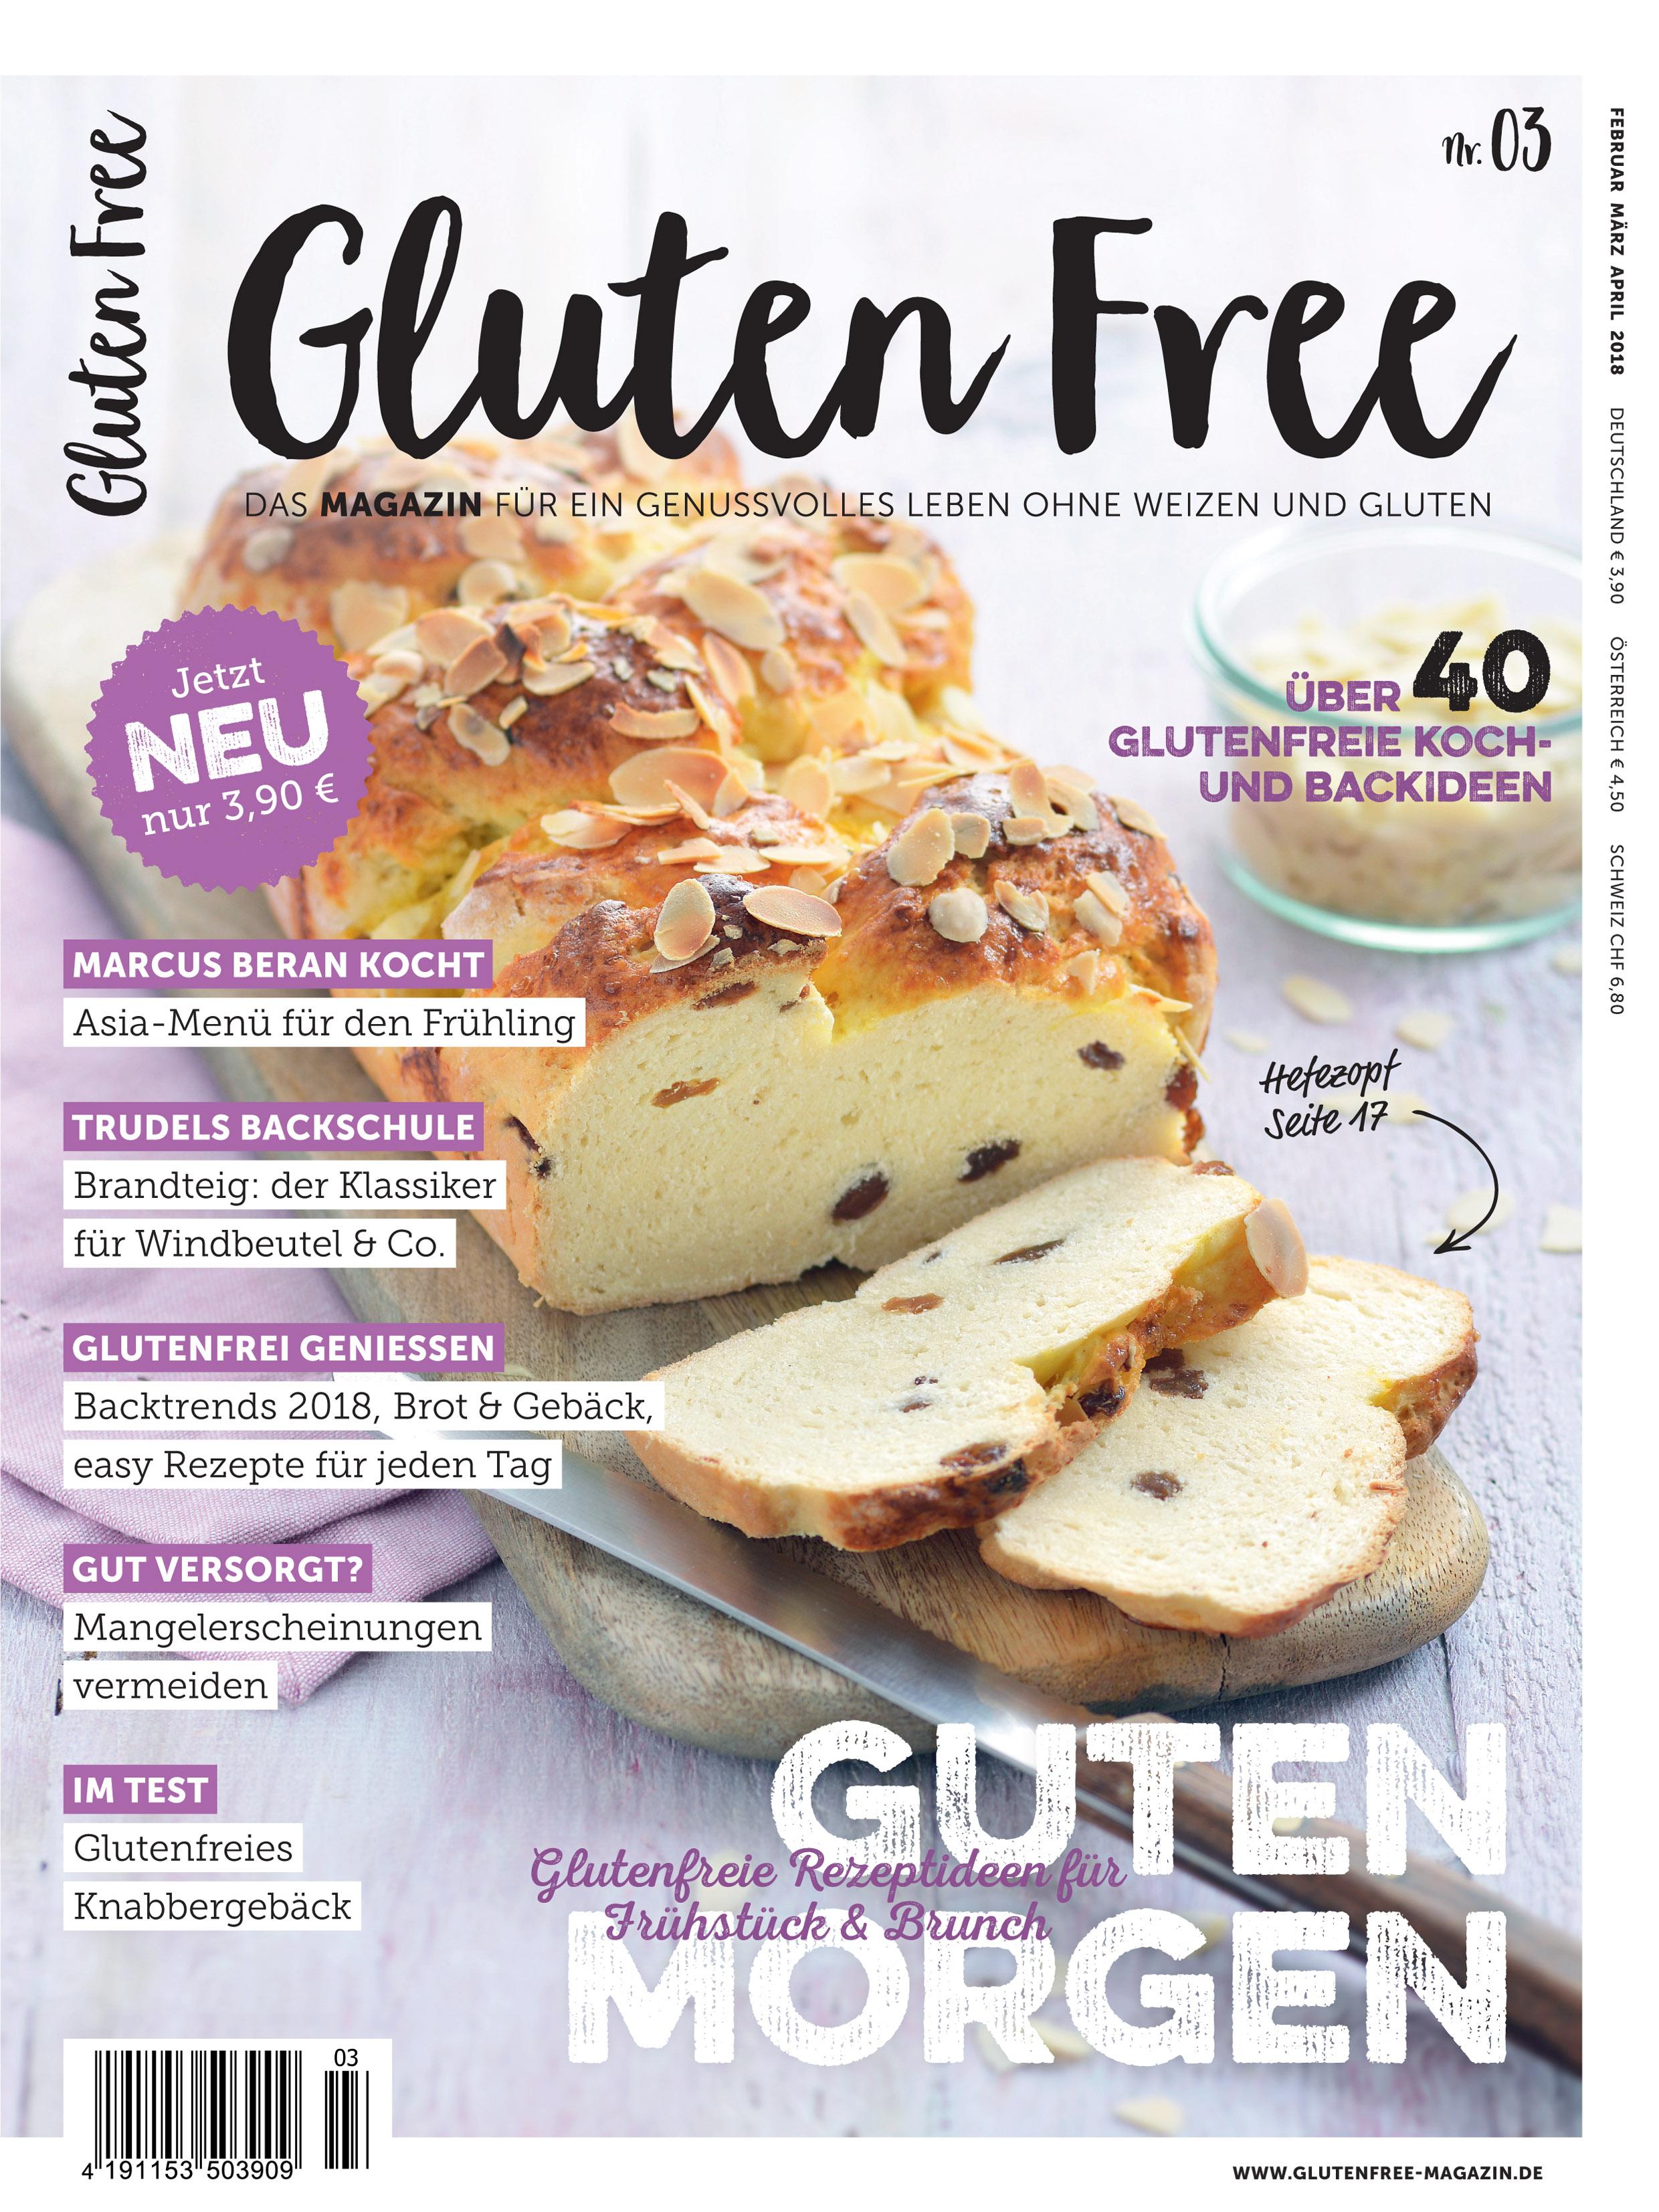 Bemerkenswert Guten Morgen Frühstück Galerie Von Gluten Free Magazin Nr. 03